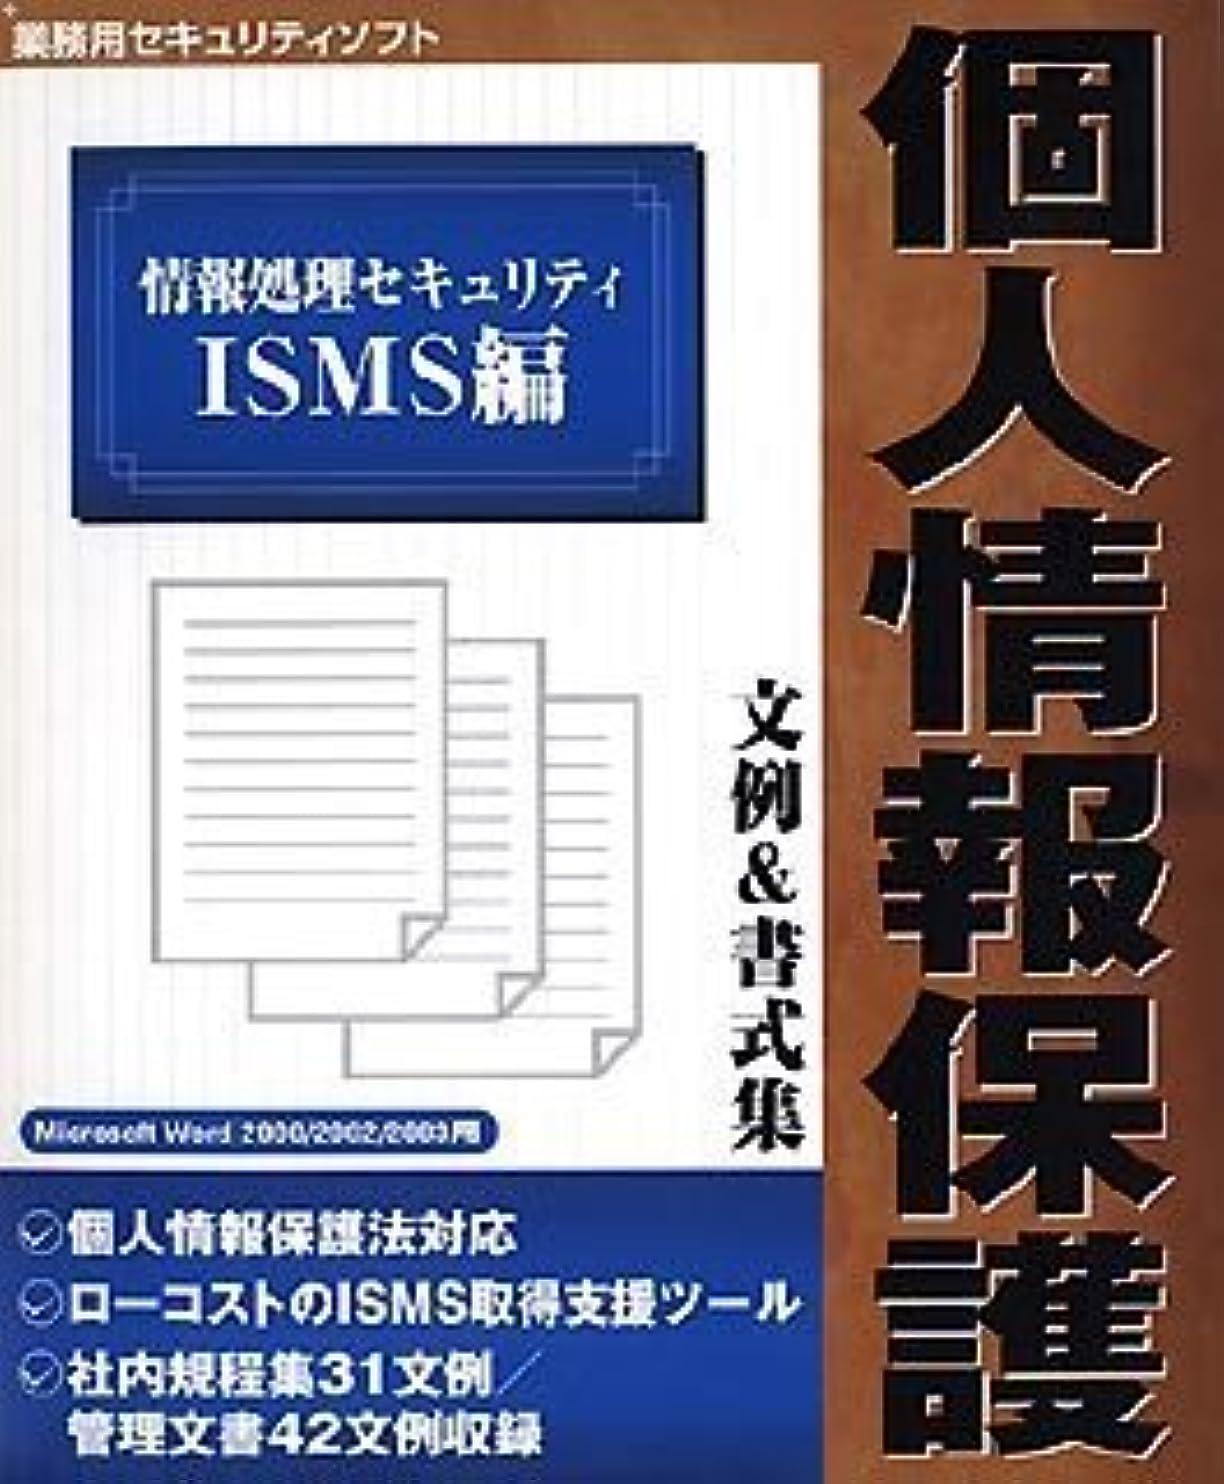 ラショナルプロジェクター市区町村個人情報保護 文例&書式集 情報処理セキュリティ ISMS編